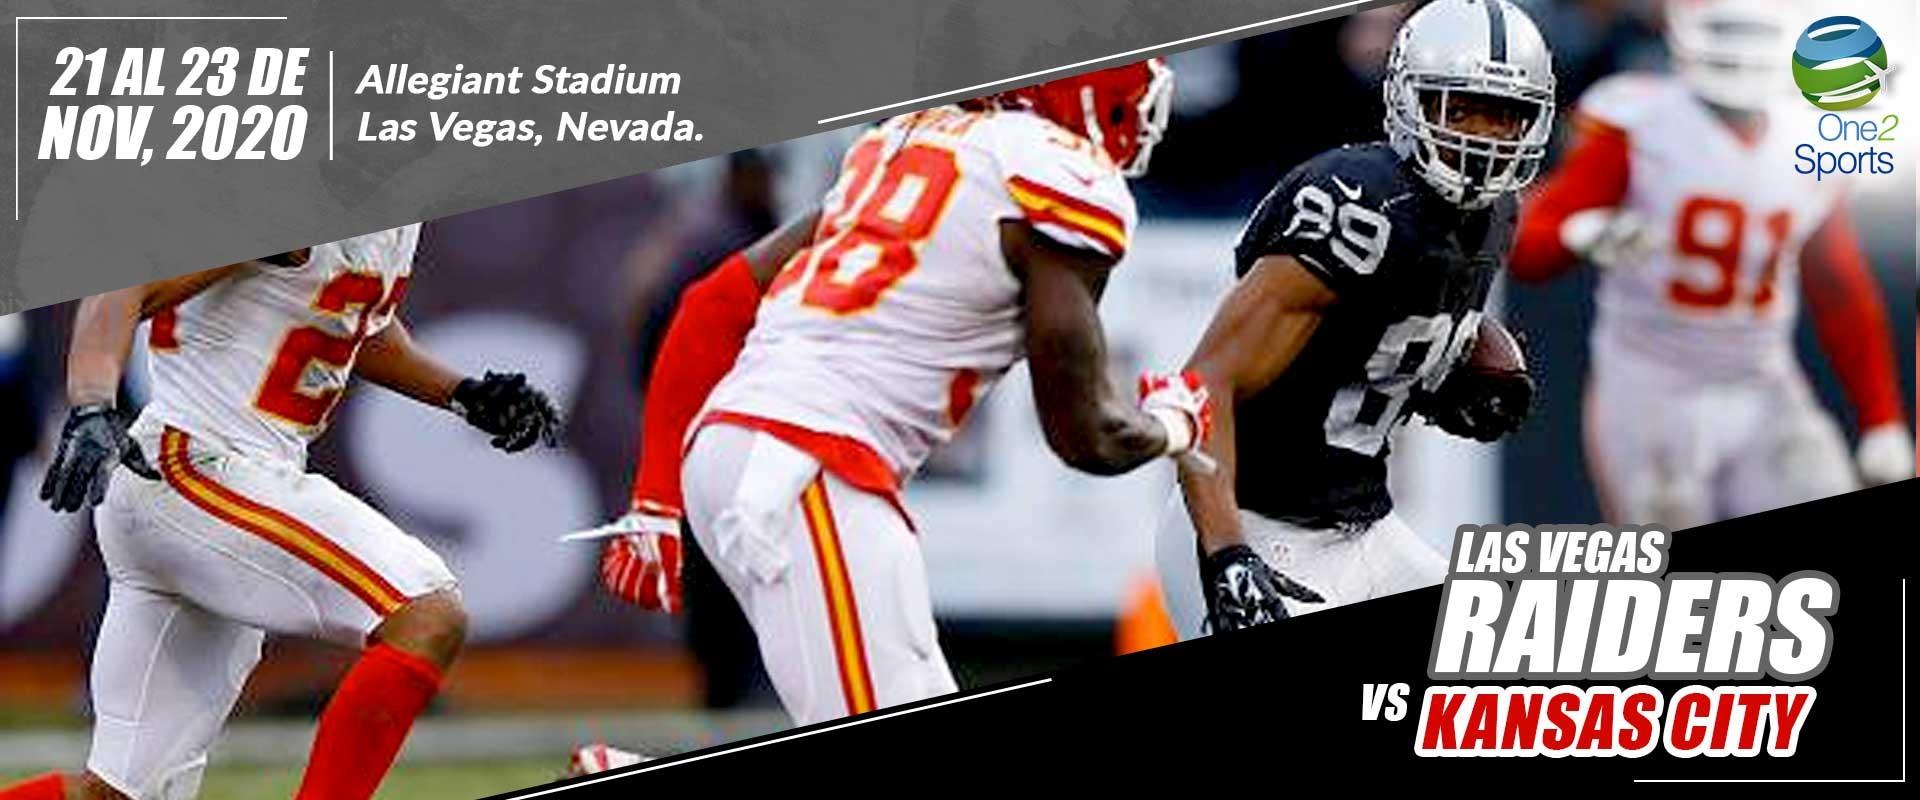 Las Vegas Raiders vs Kansas City